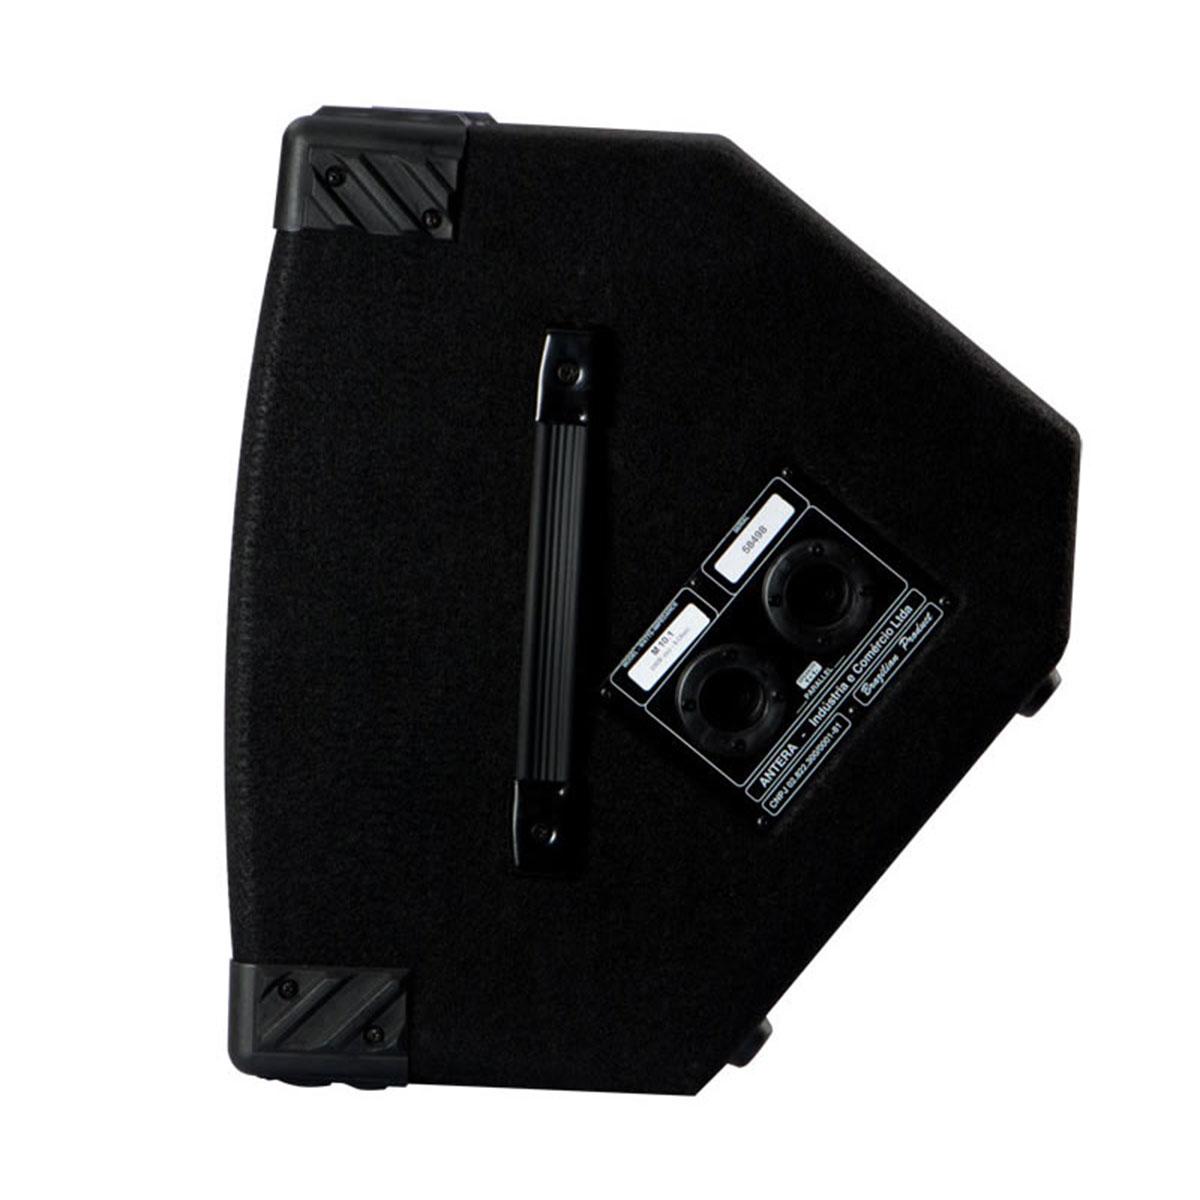 M10.1 - Monitor Passivo 100W Preto M 10.1 - Antera